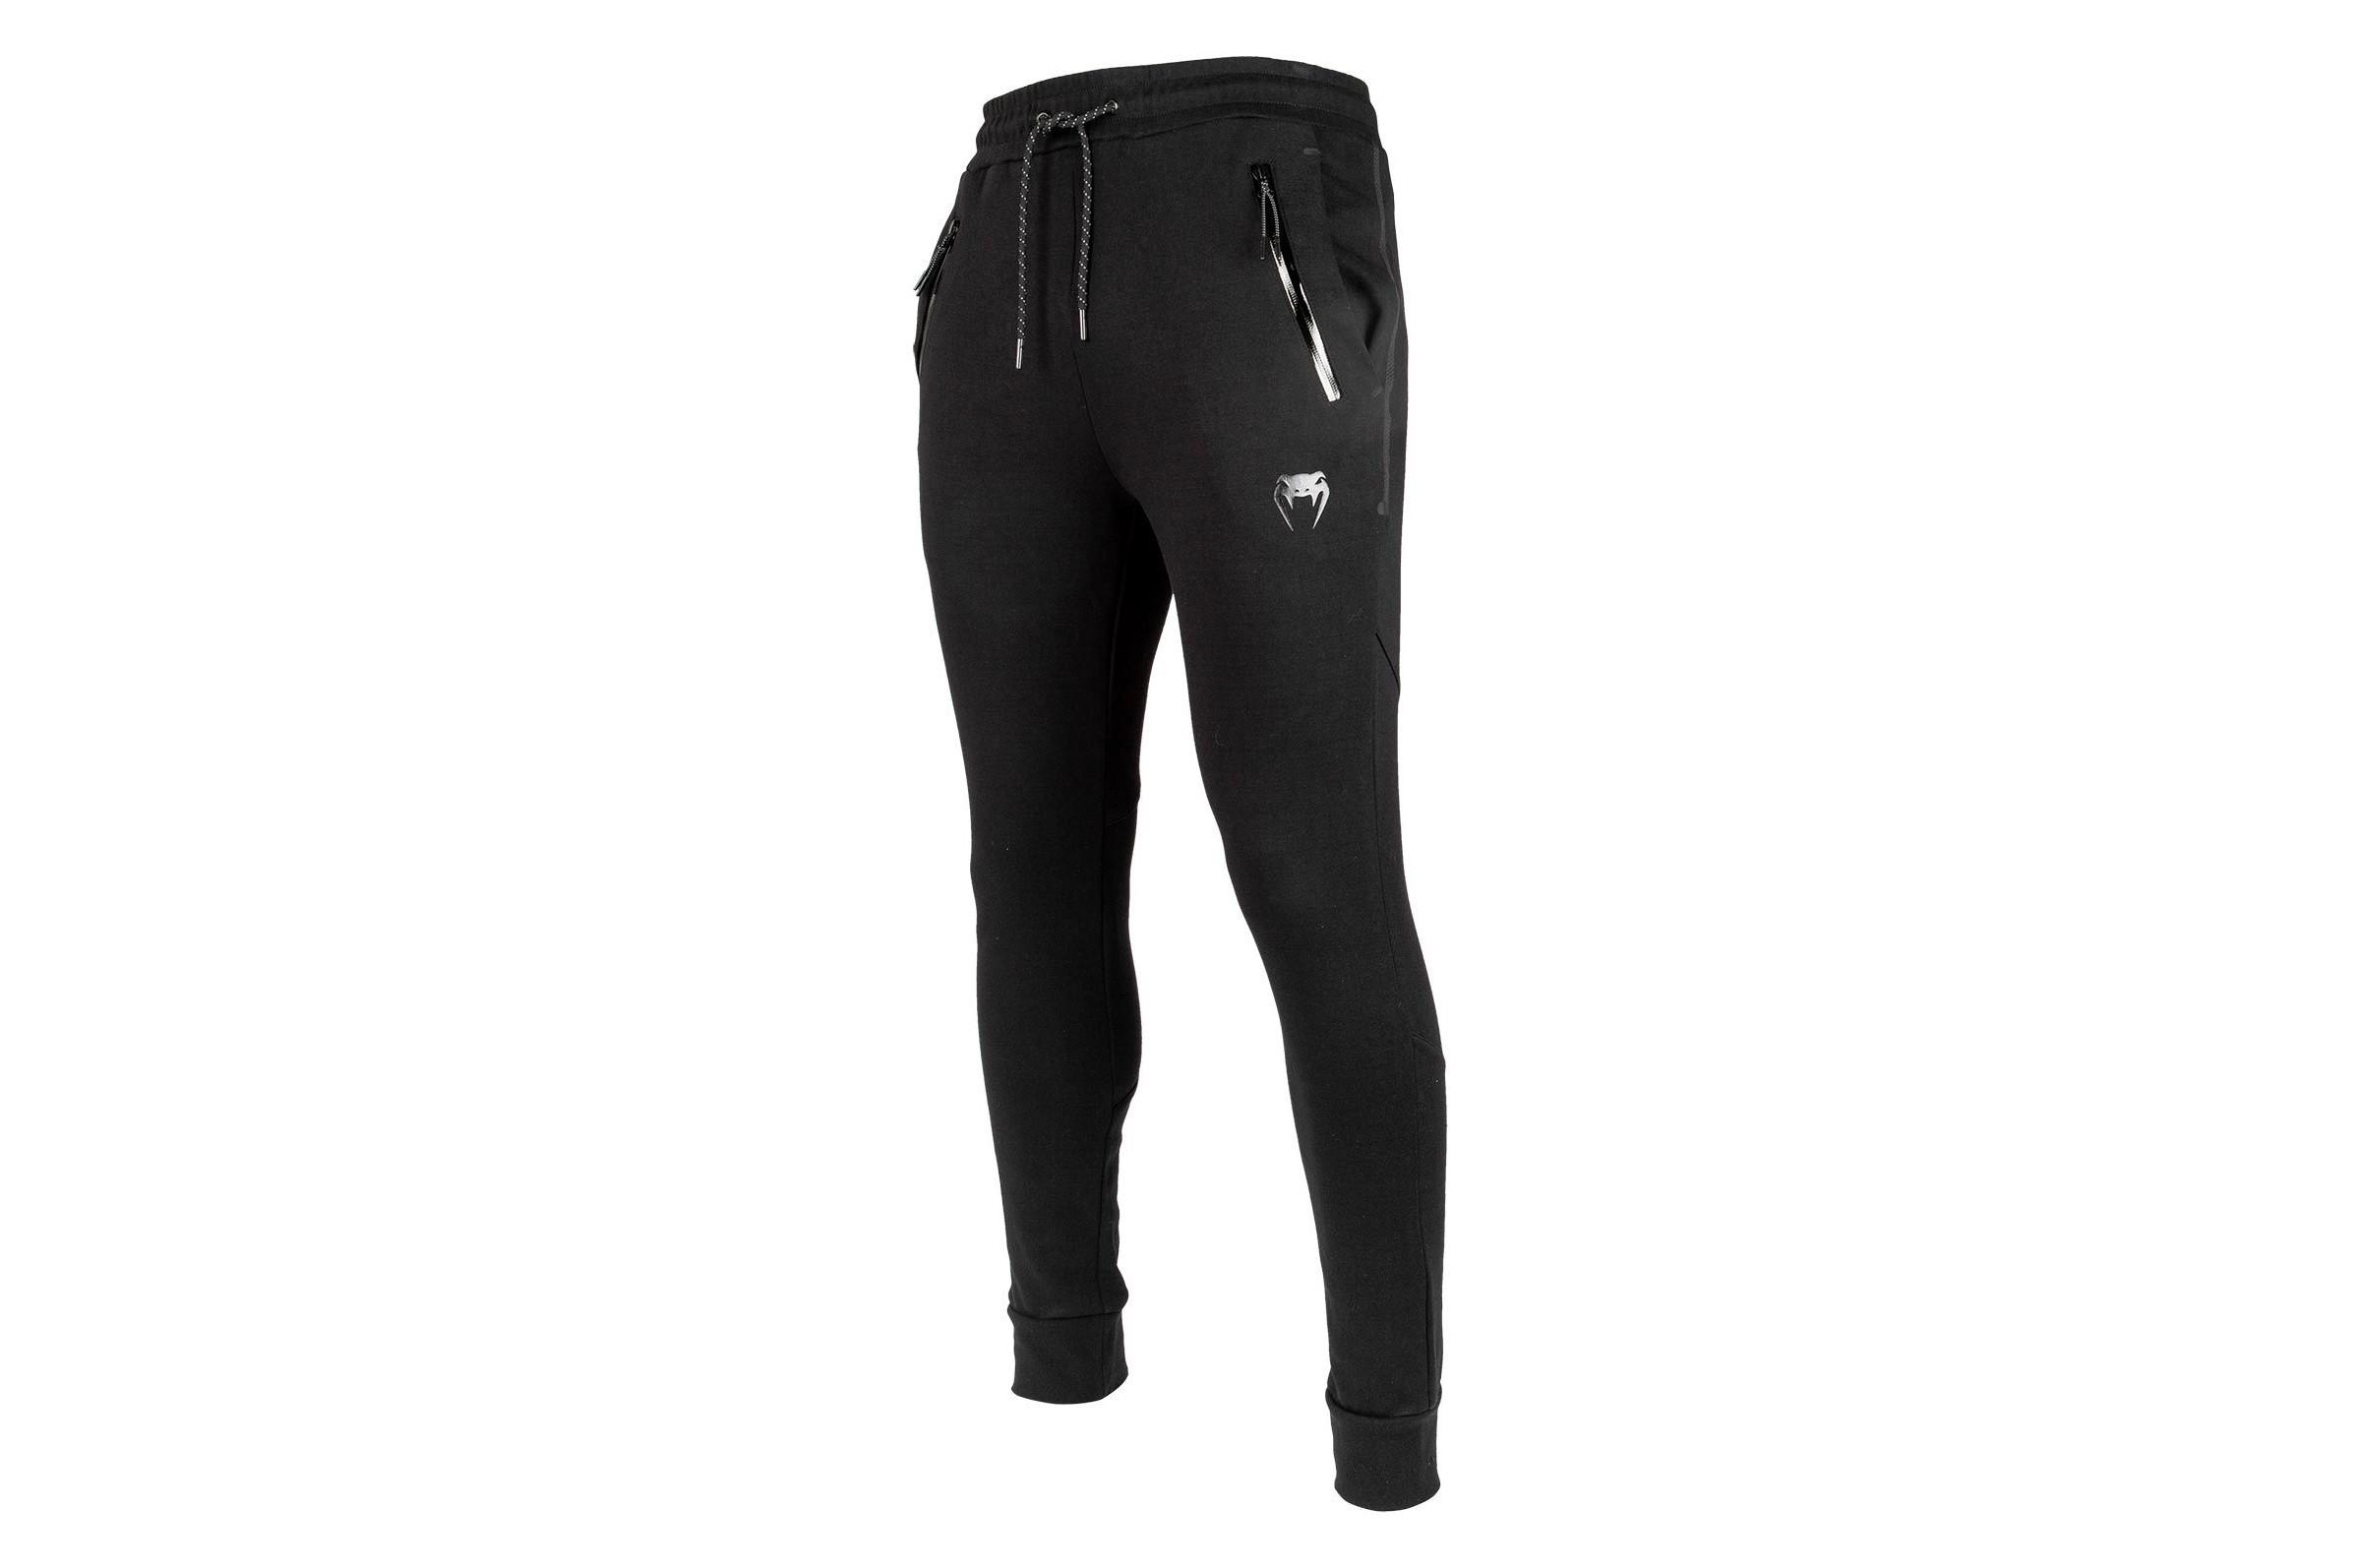 b9d7de07467a2 Pantalon de sport - Laser Evo, Venum - DragonSports.eu